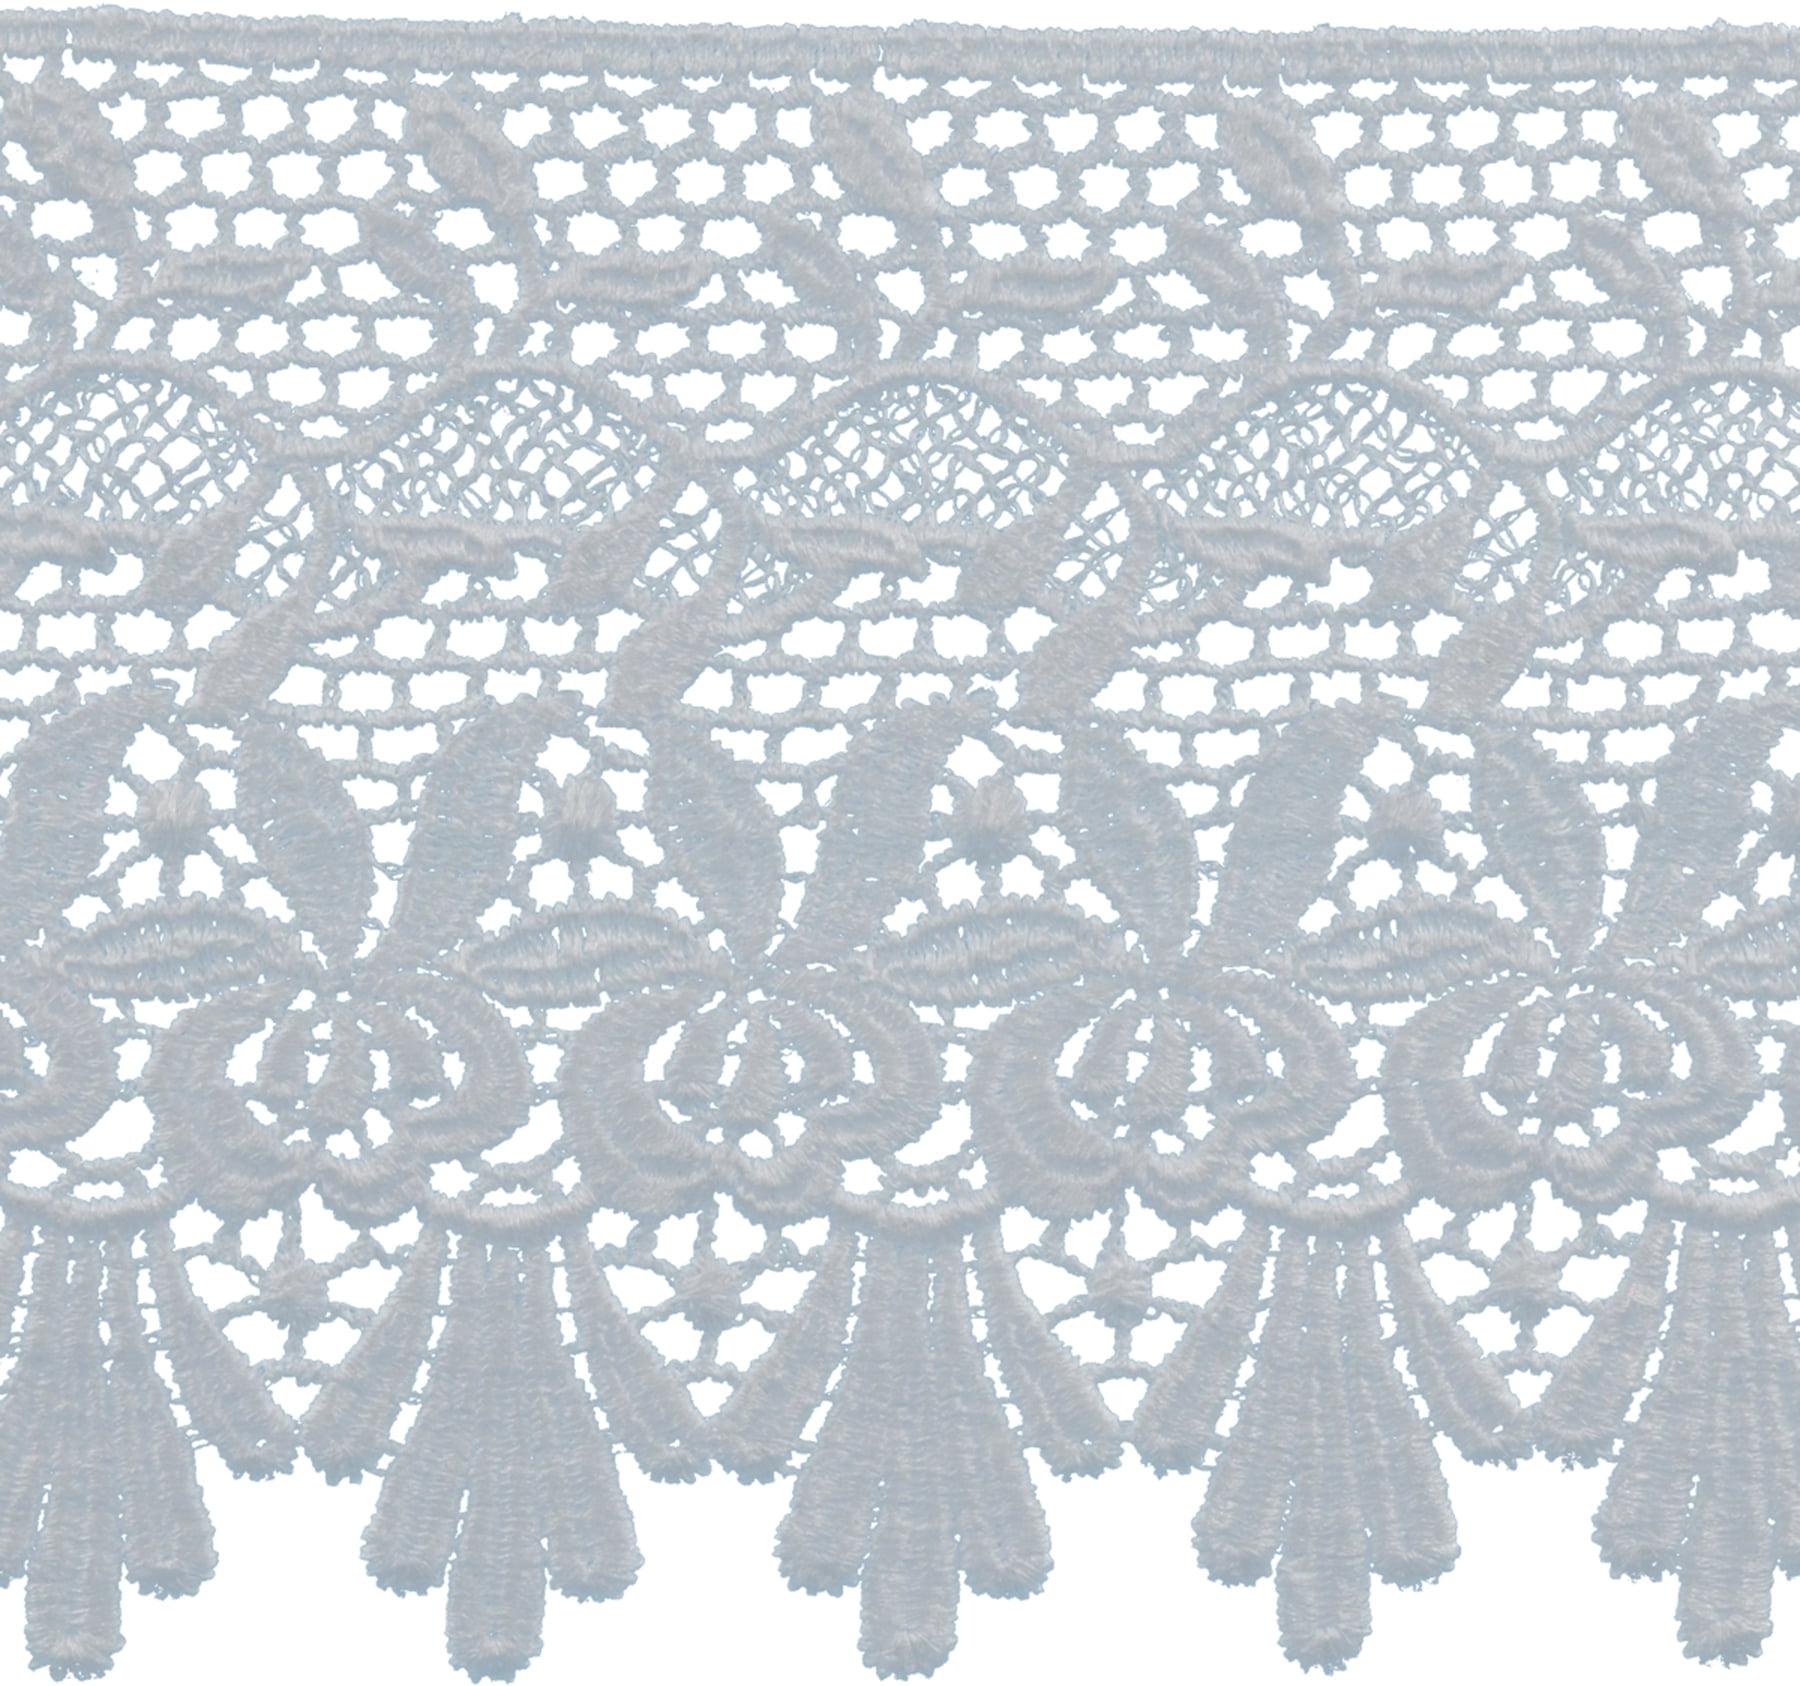 """Deco Trims Venice Lace Edge Trim 4-7/8""""X5yd-White"""